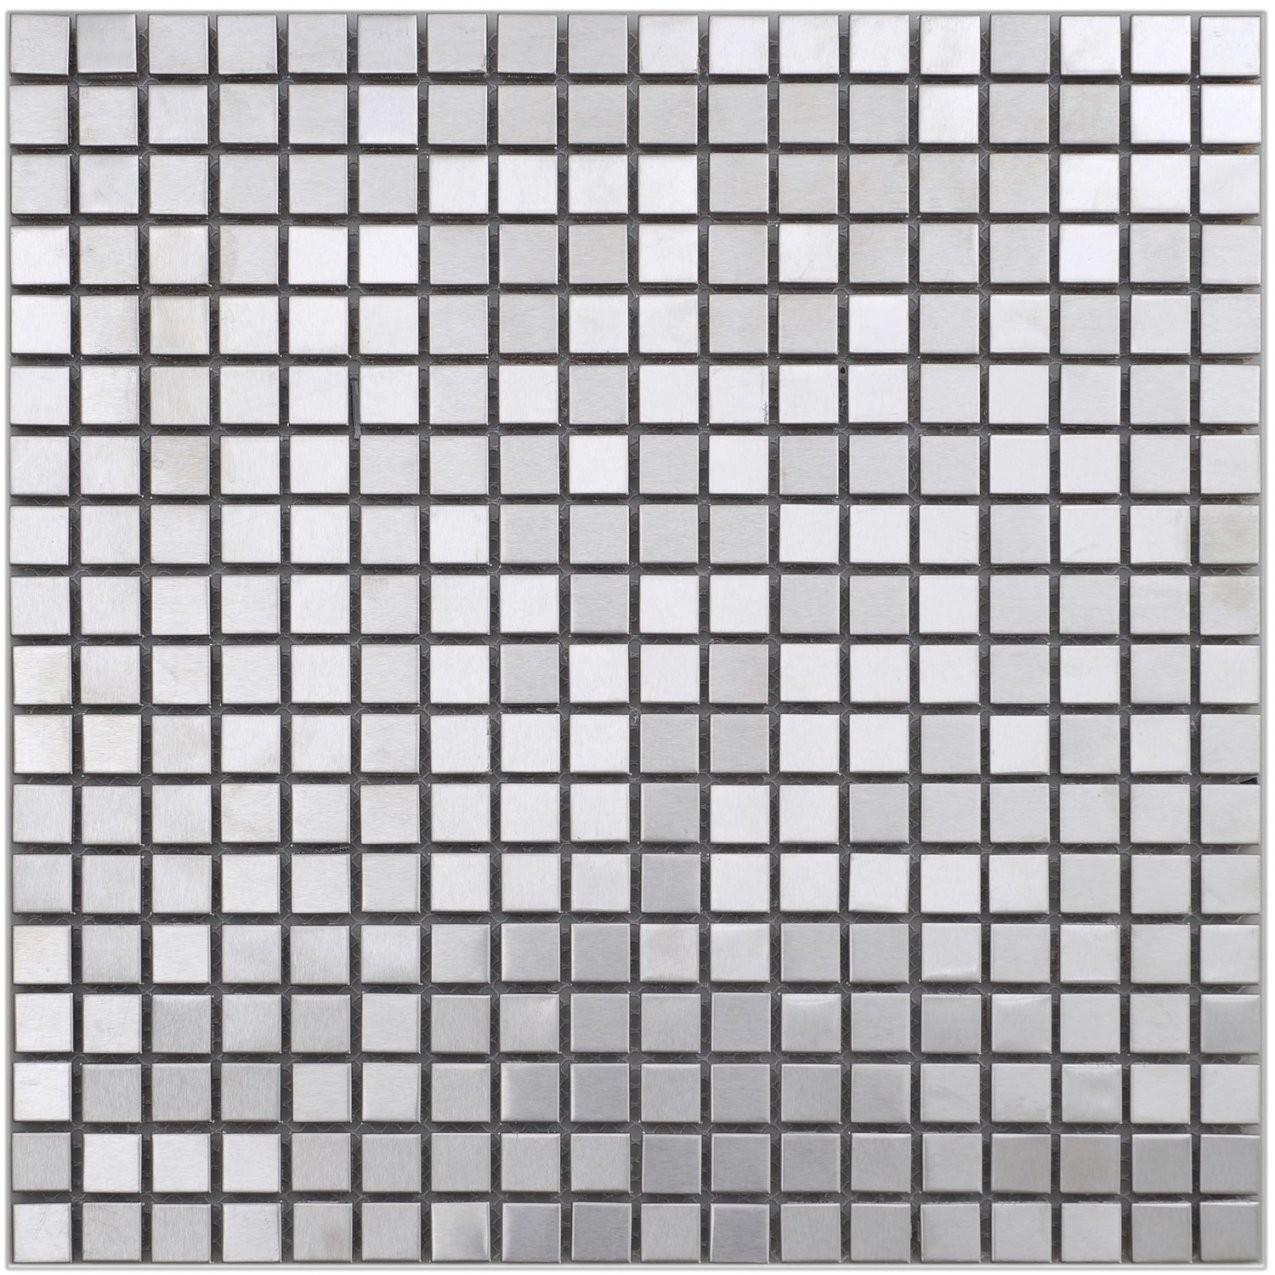 Mosaik Metall Edelstahl 30 Cm X 30 Cm Kaufen Bei Obi von Mosaik Fliesen Obi Bild